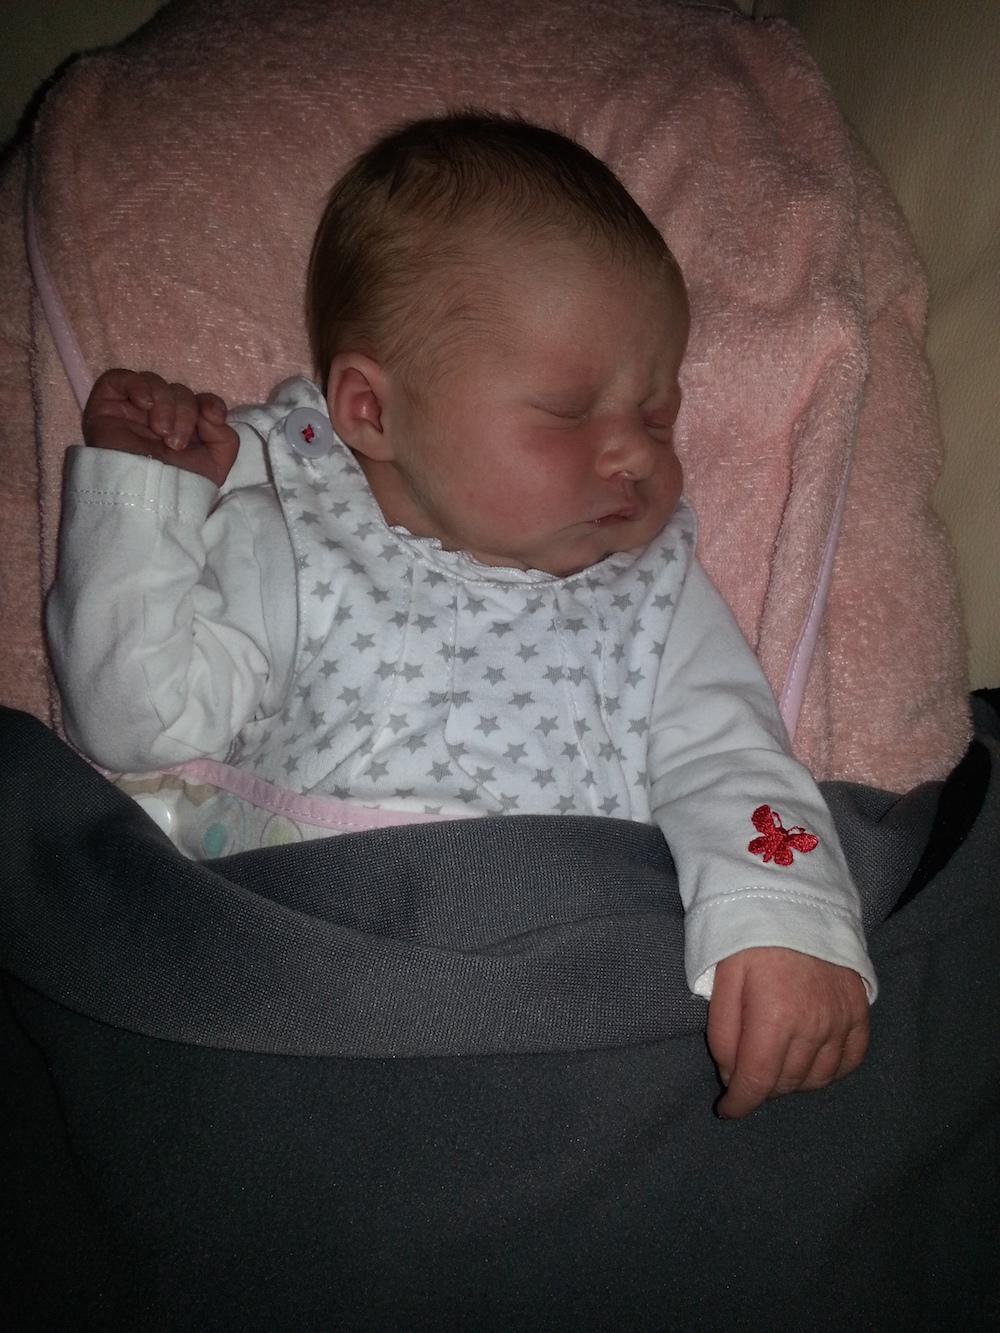 Eryne, née le 22 novembre 2014